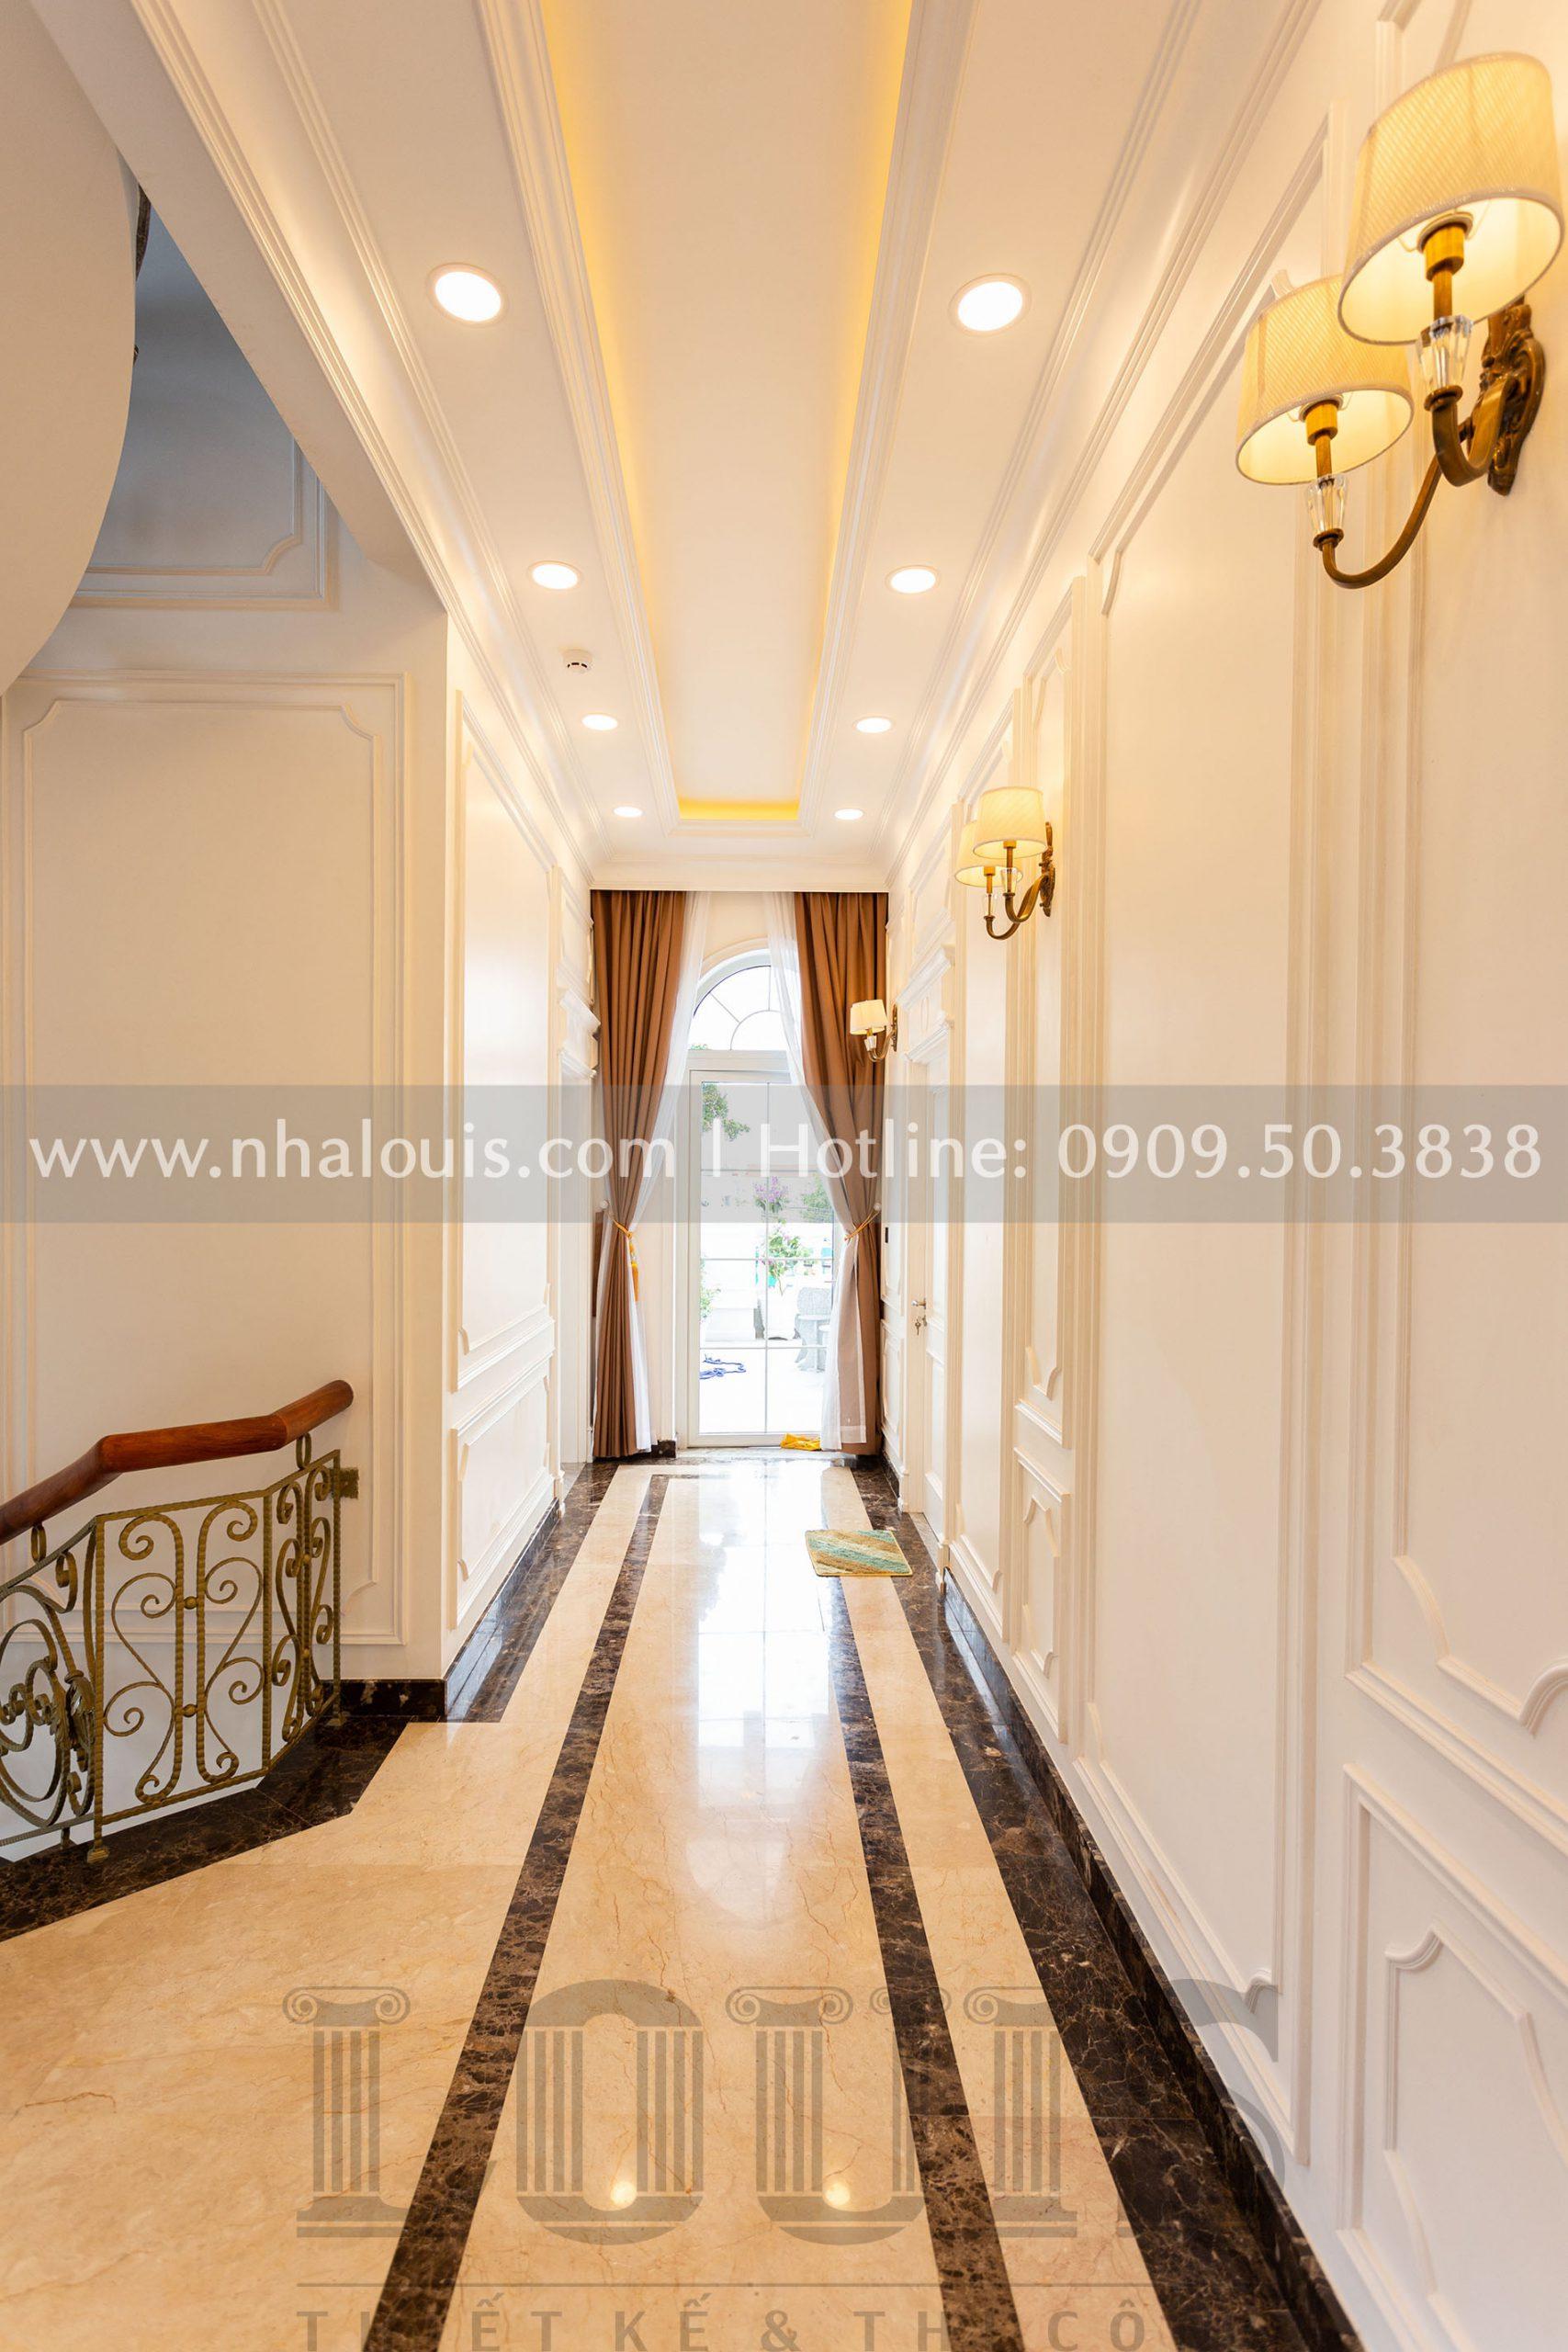 Sảnh thang tầng 1 biệt thự tân cổ điển